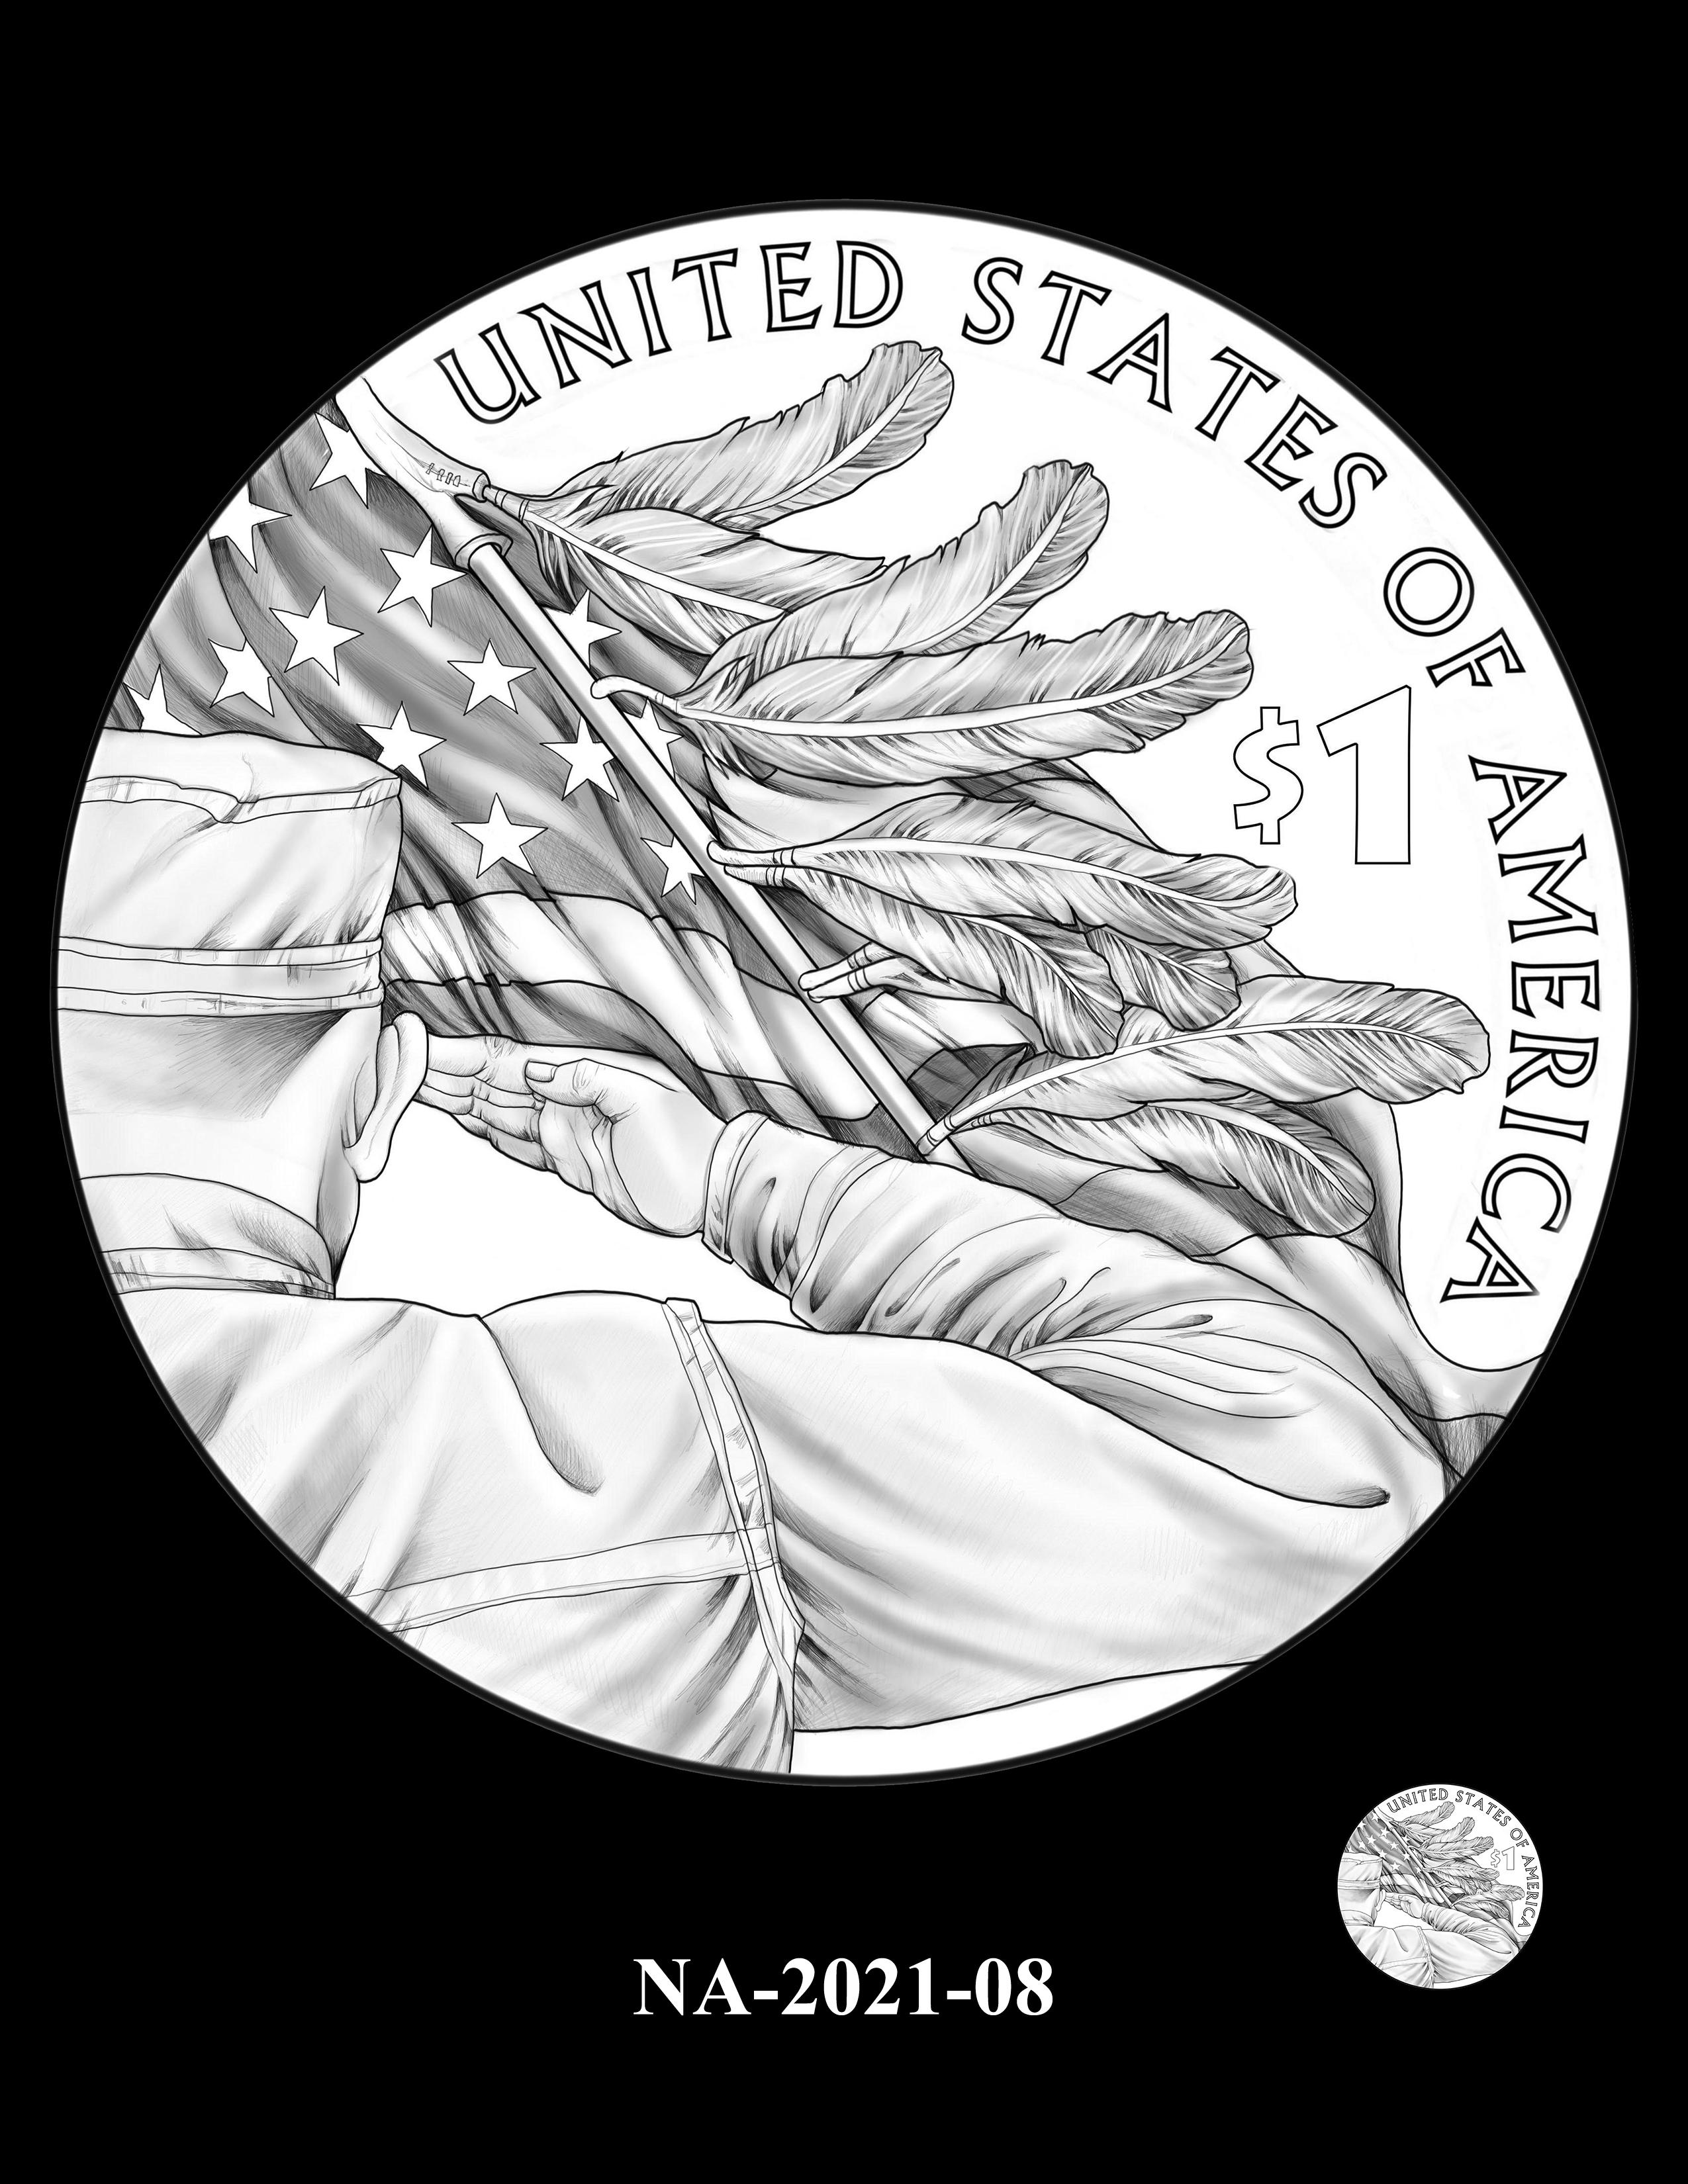 NA-2021-08 -- 2021 Native American $1